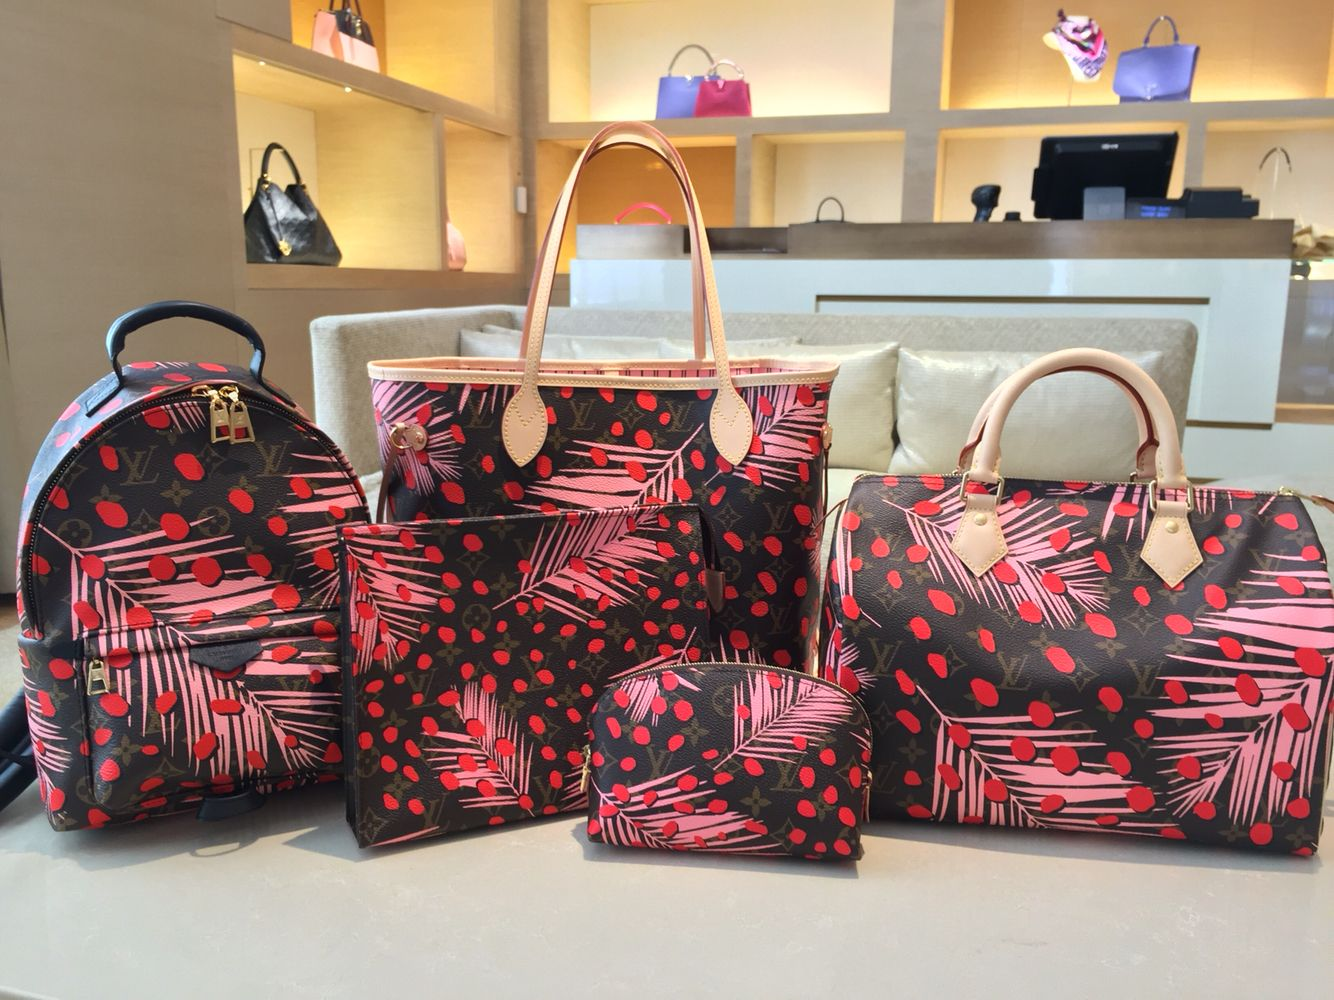 8818a4182044 Jungle Palm and Dots  louisvuittonhandbags  louisvuitton  handbag  jungle   springcollection  neverfull  speedy  lvbackpack